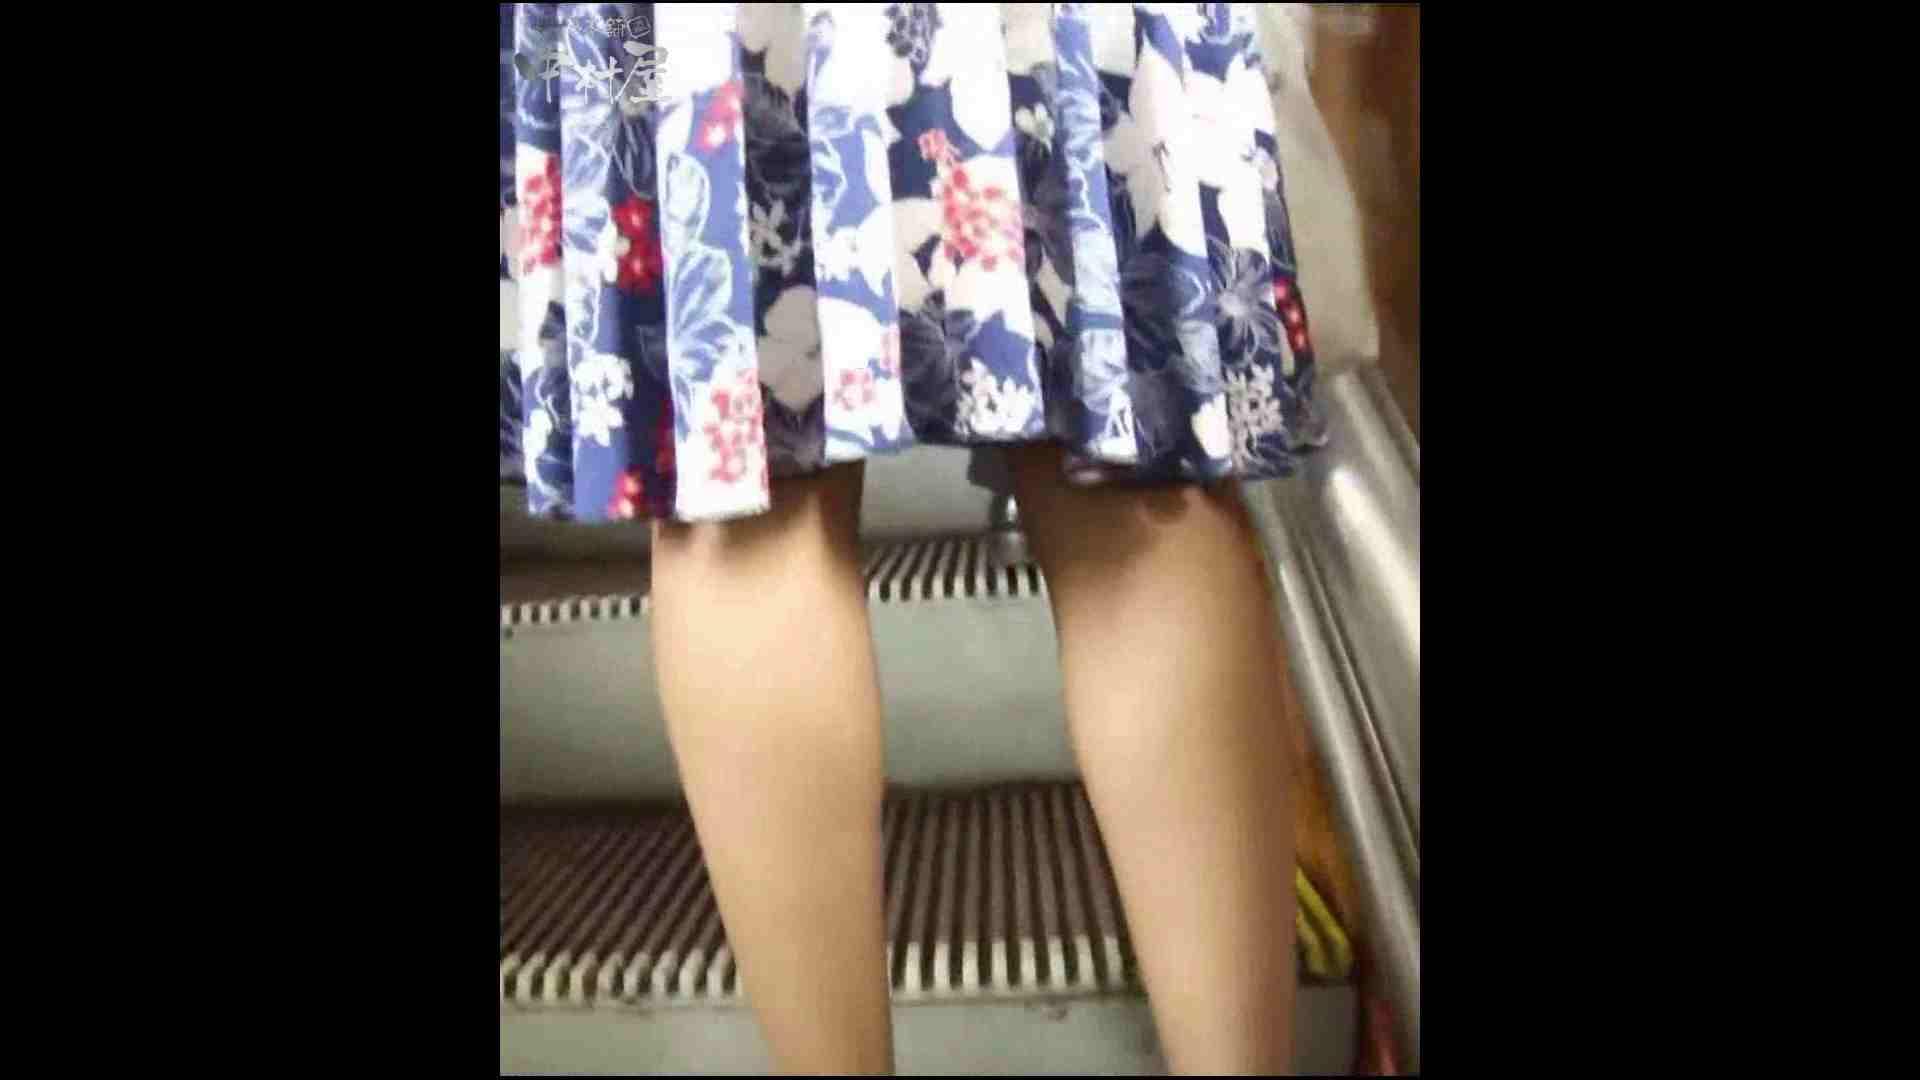 綺麗なモデルさんのスカート捲っちゃおう‼ vol12 モデルヌード   Hなお姉さん  93pic 91